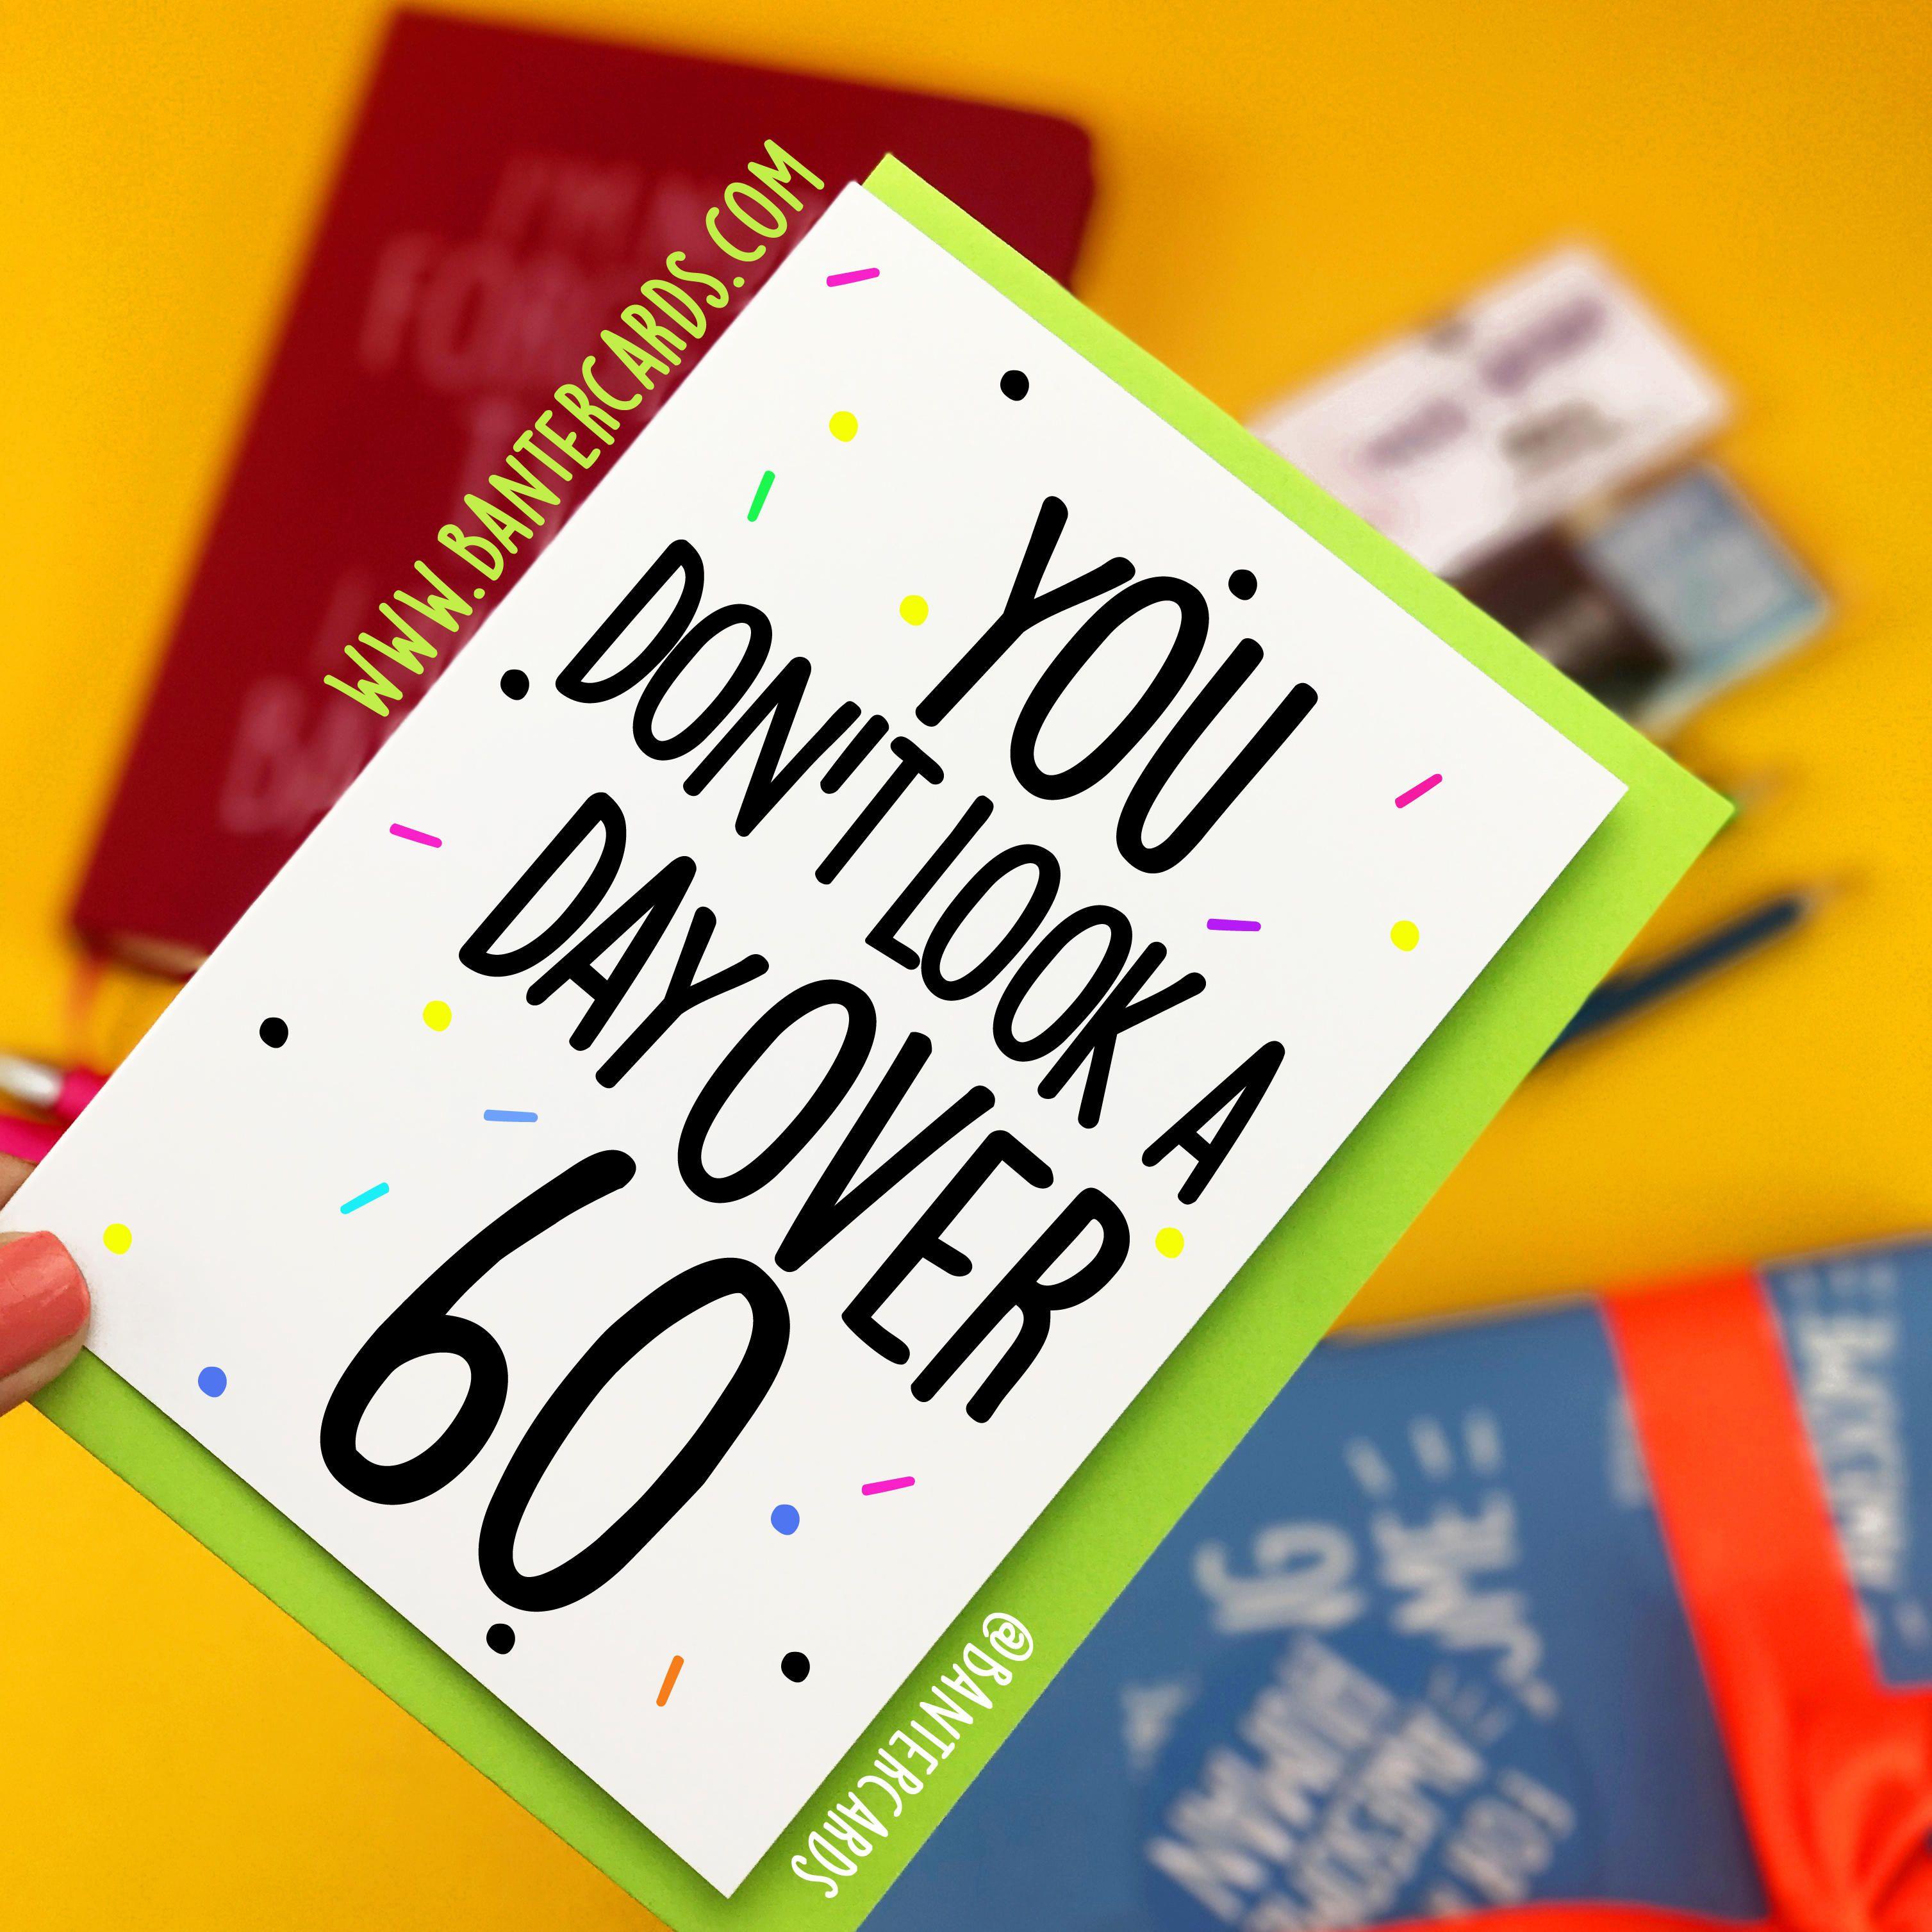 Lustige Geschenke Zum 60. Geburtstag Für Männer  Lustige Bilder Zum 60 Geburtstag